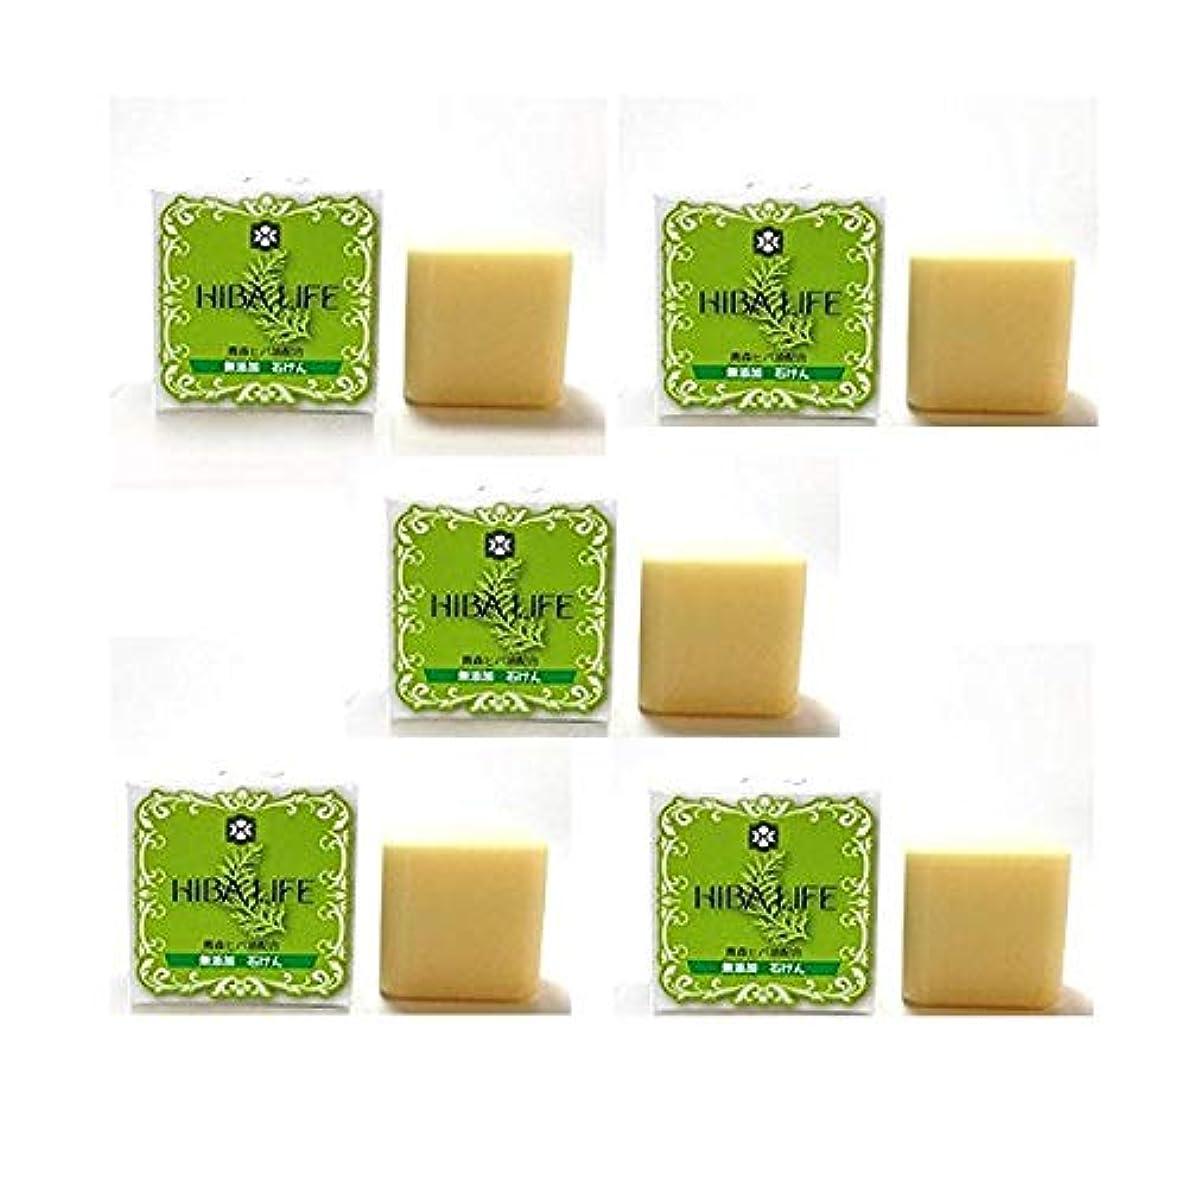 視聴者面倒復活するヒバ石鹸 ひばの森化粧石鹸5個セット(100g×5個) 青森ヒバ精油配合の無添加ひば石鹸